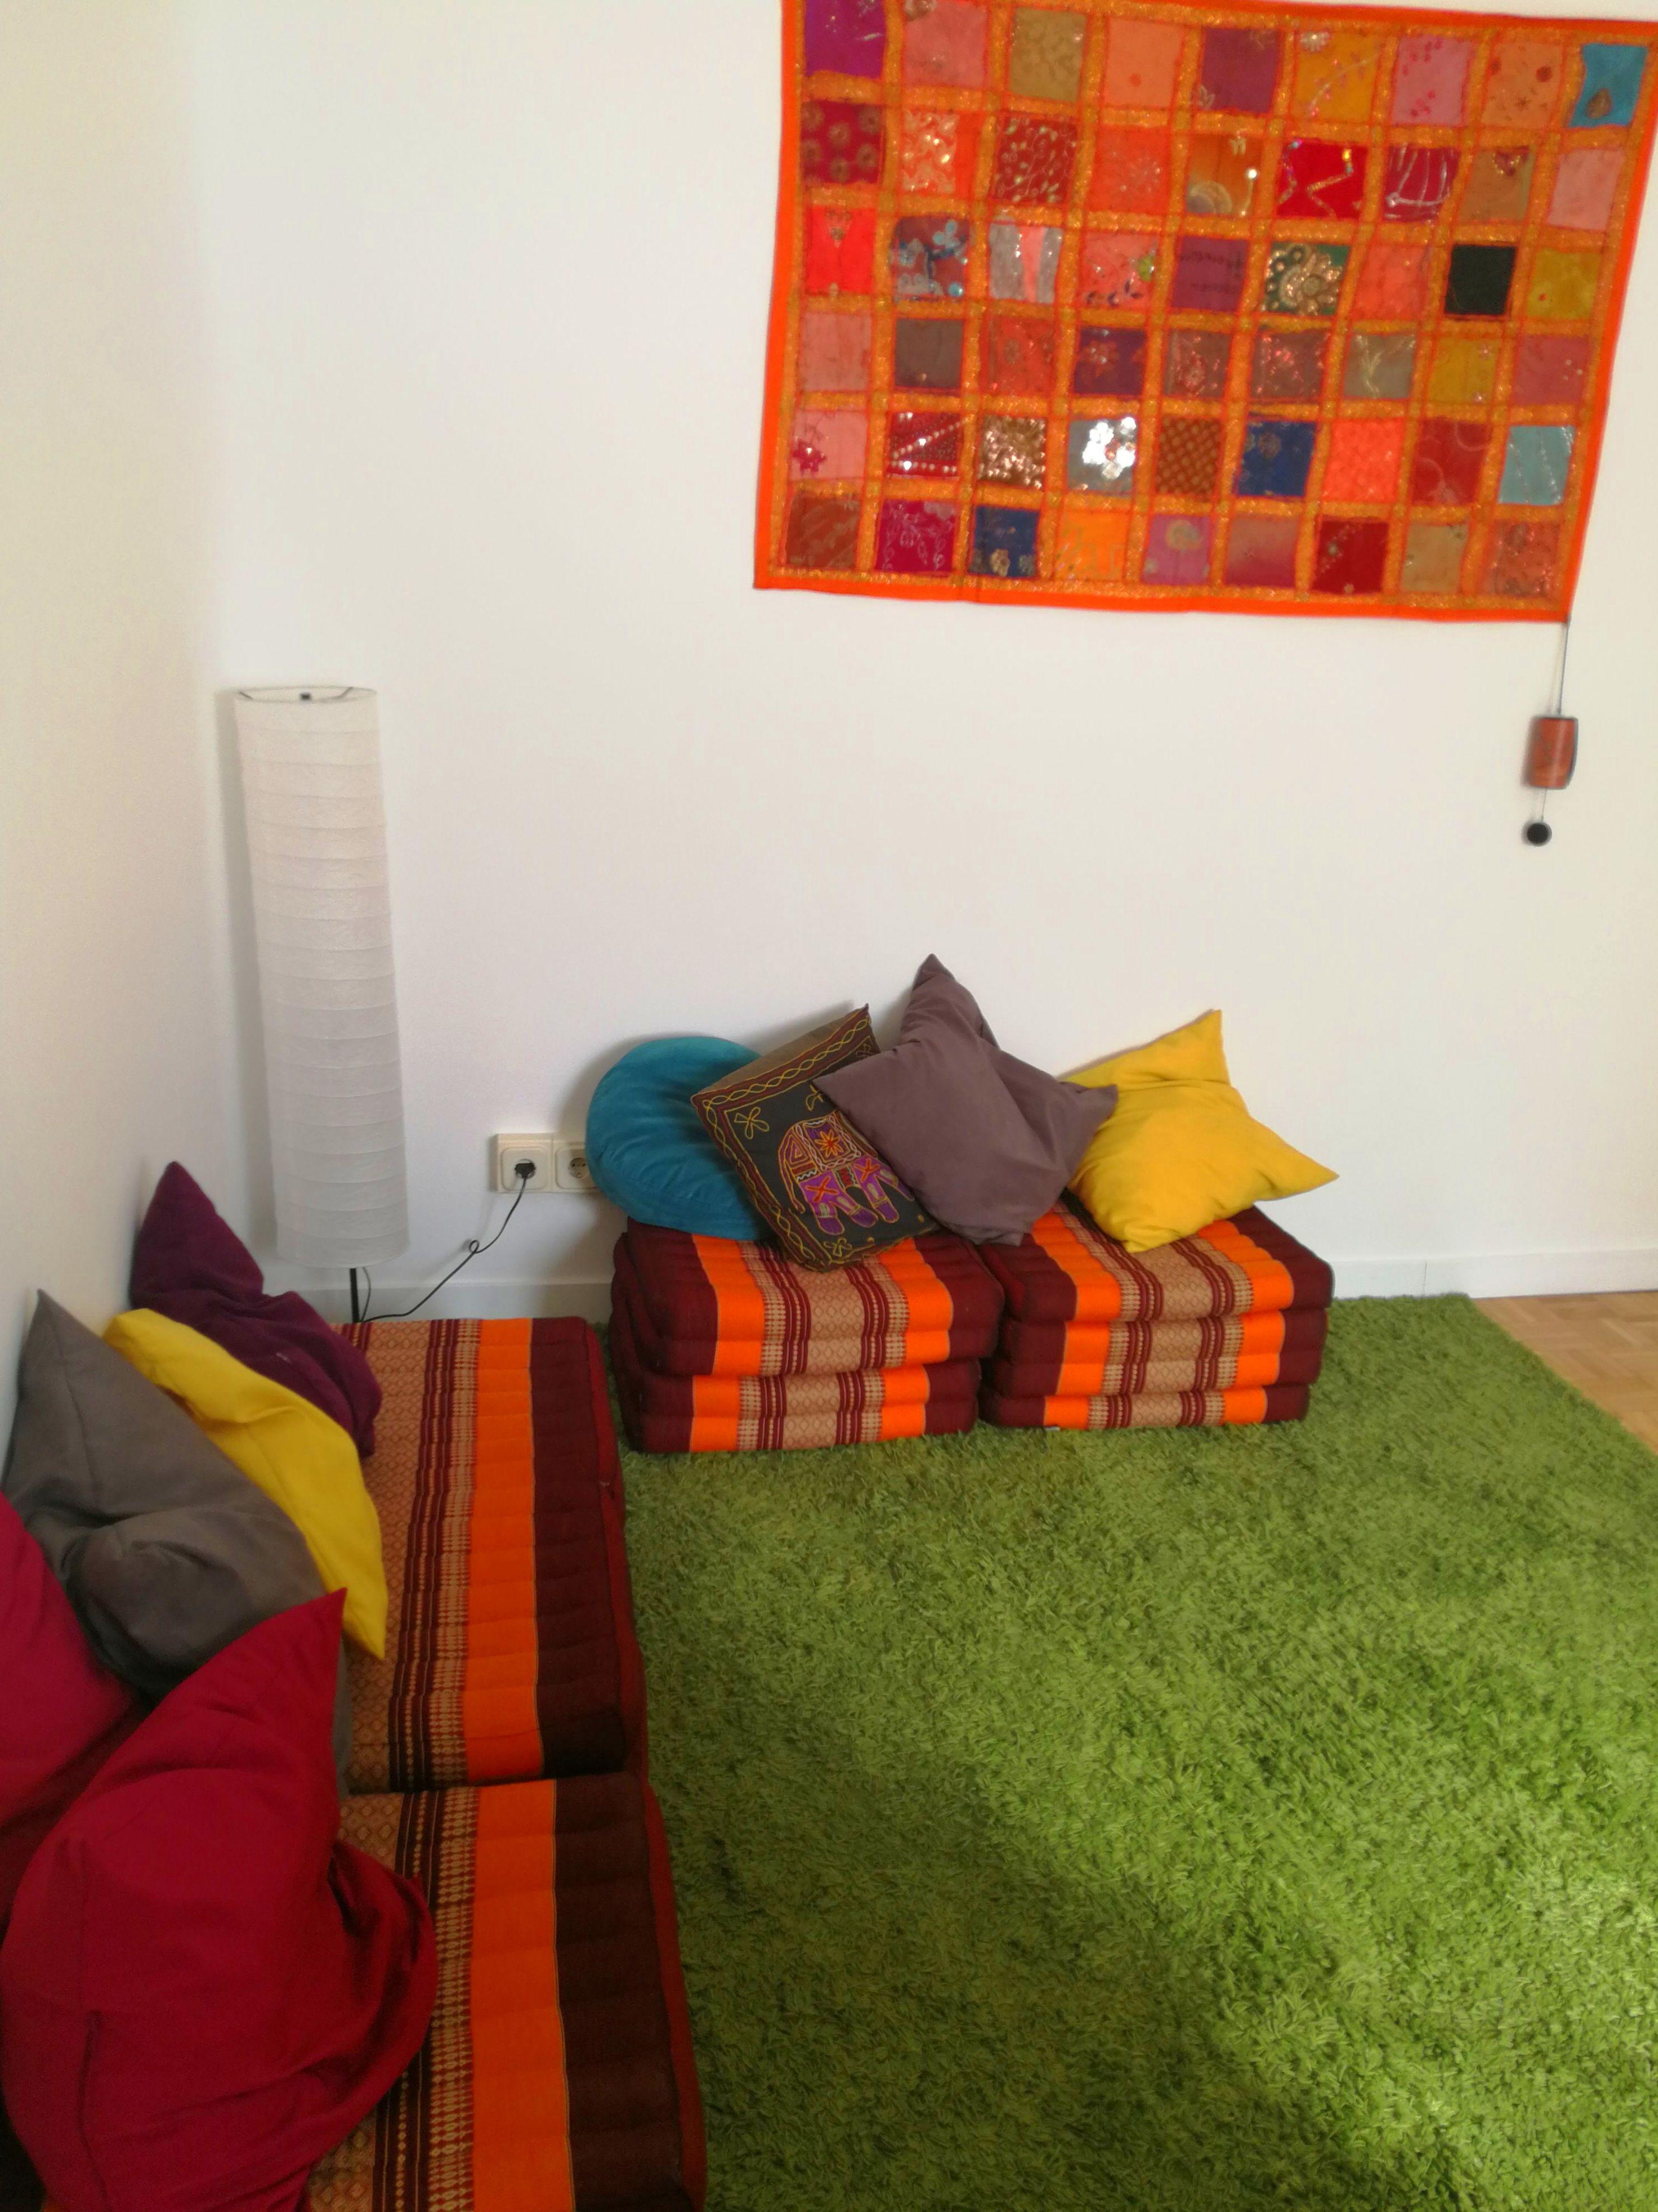 Foto 3 de Terapeuta en Madrid | Terapia Gestalt Integrativa